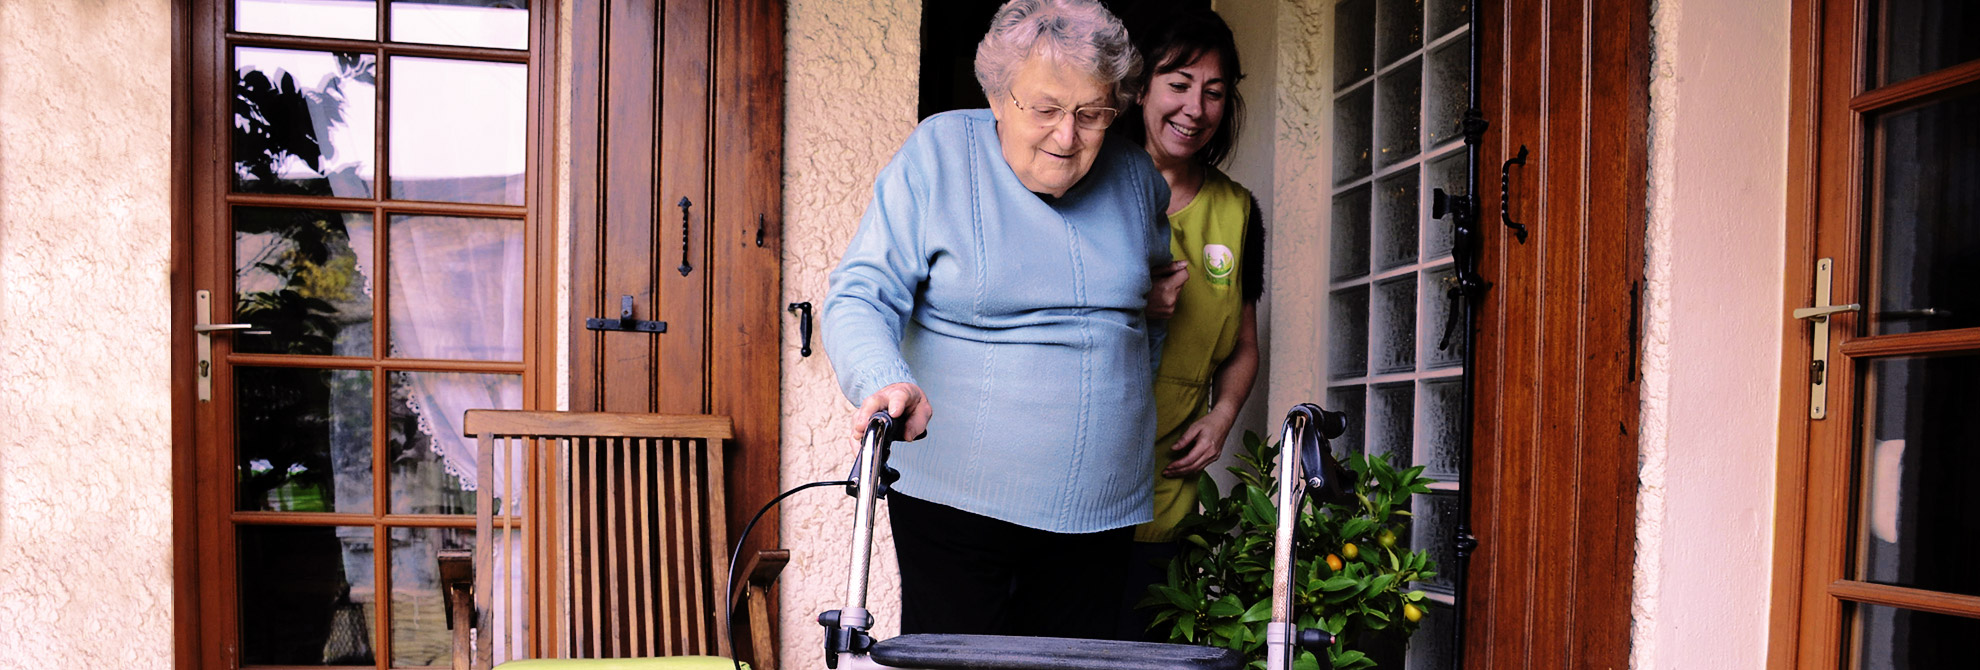 Aide au maintien à domicile, services à la personne Langon